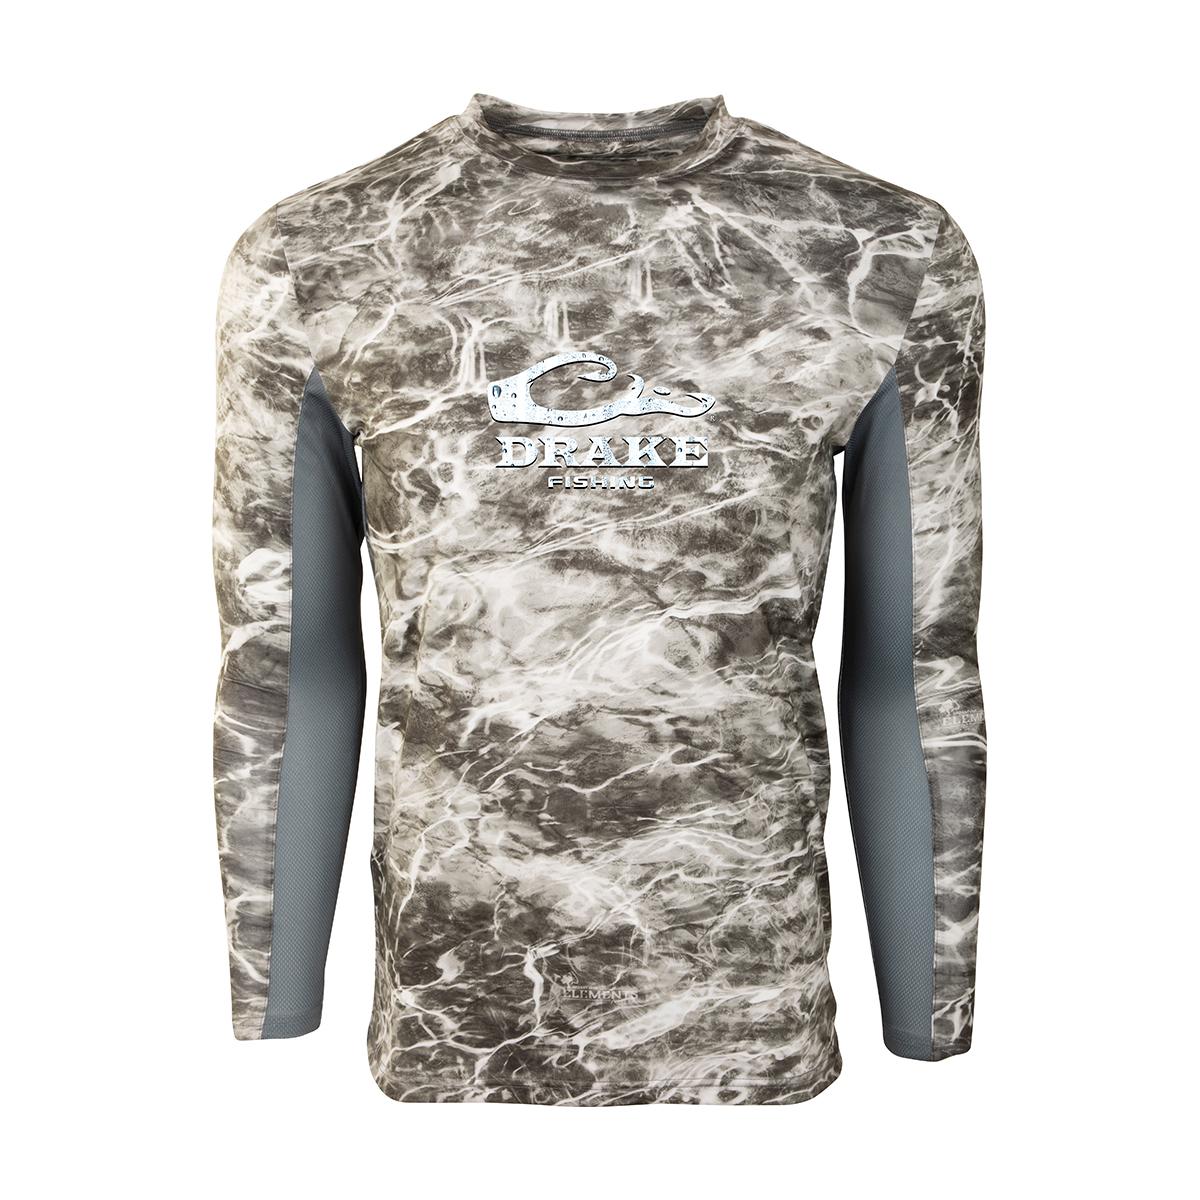 drake-performance-fish-big-tall-mesh-shirt-bigcamo-elements-manta